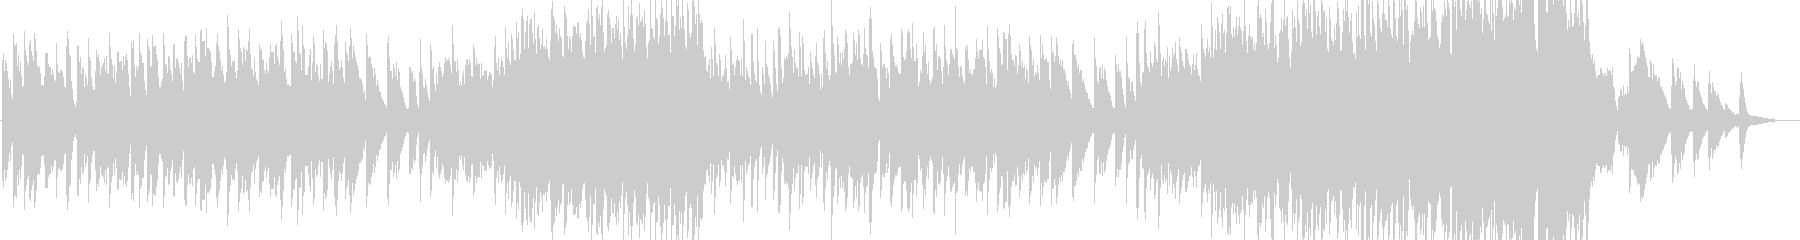 フルート中心の感動系バラードの未再生の波形